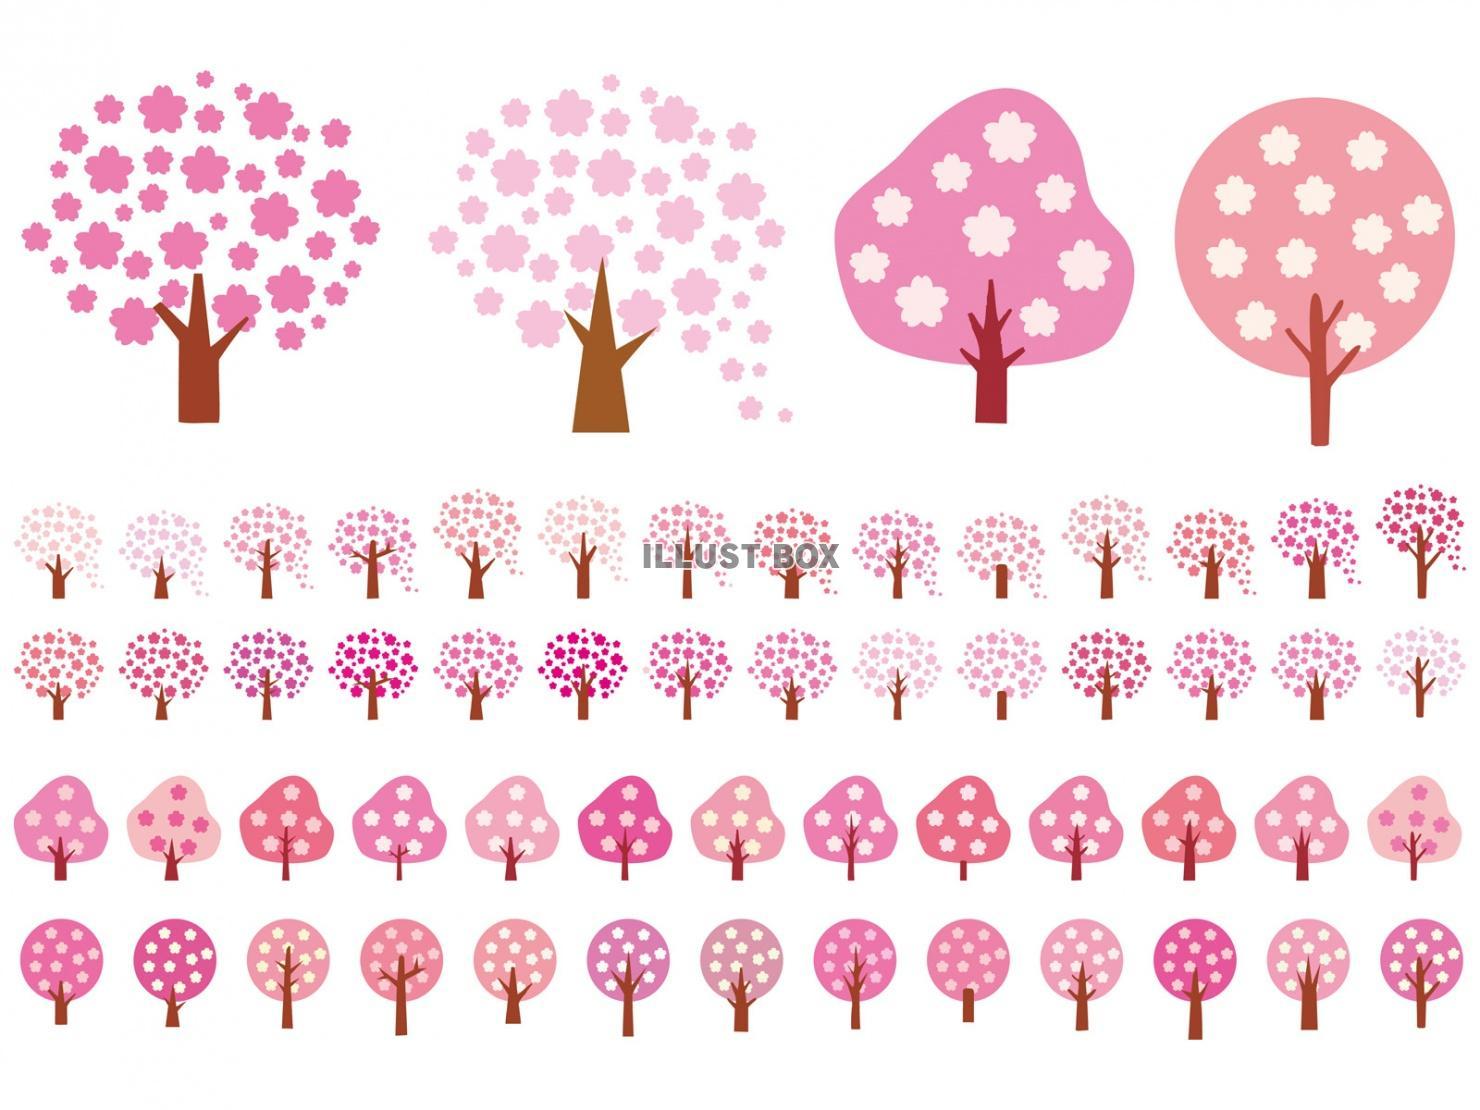 無料イラスト 桜アイコンシンプル木春花3月4月和飾りイ